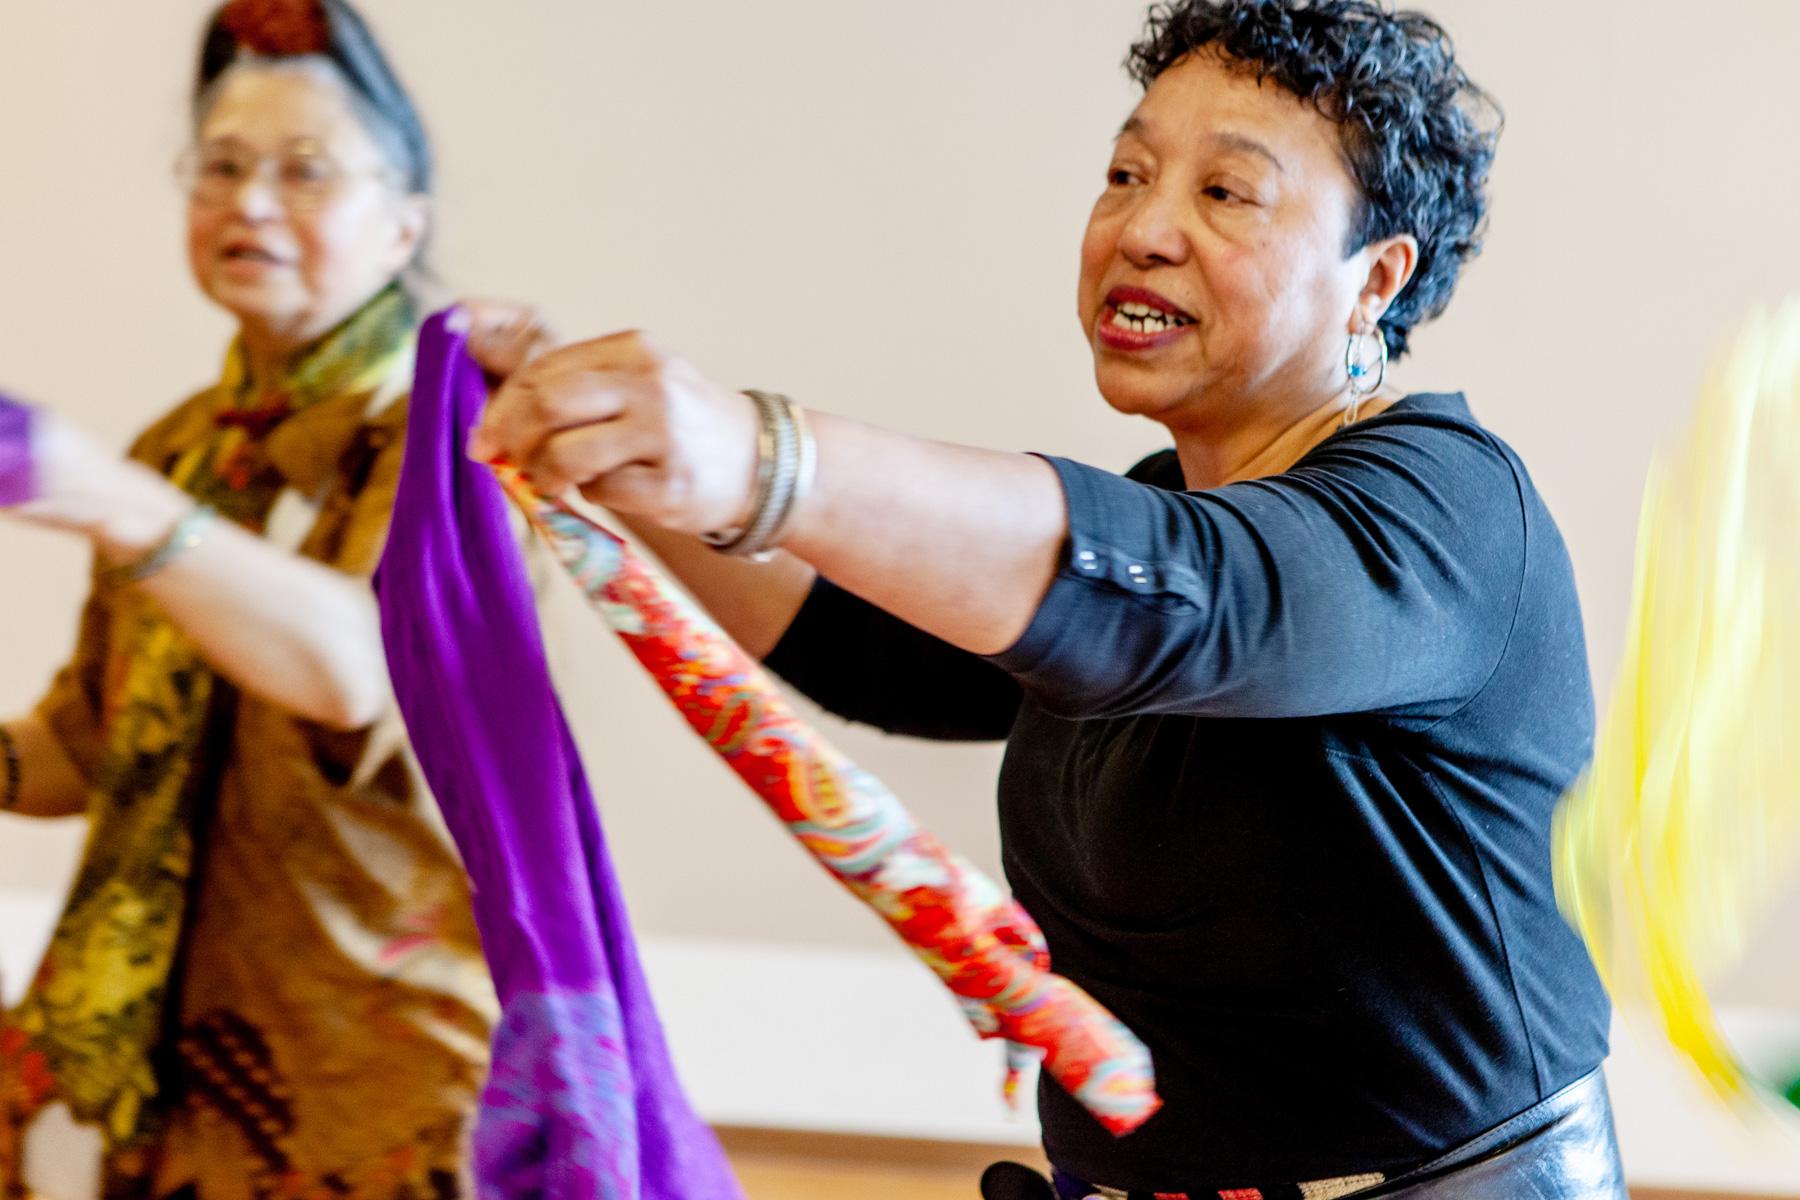 Dolly Hitipeuw: 'Ik vond het mooi om te zien dat Sylvia haar Indische 'roots' ontdekte. Ik had een zak vol met batikdoekjes, die heb ik allemaal aan haar gegeven.'